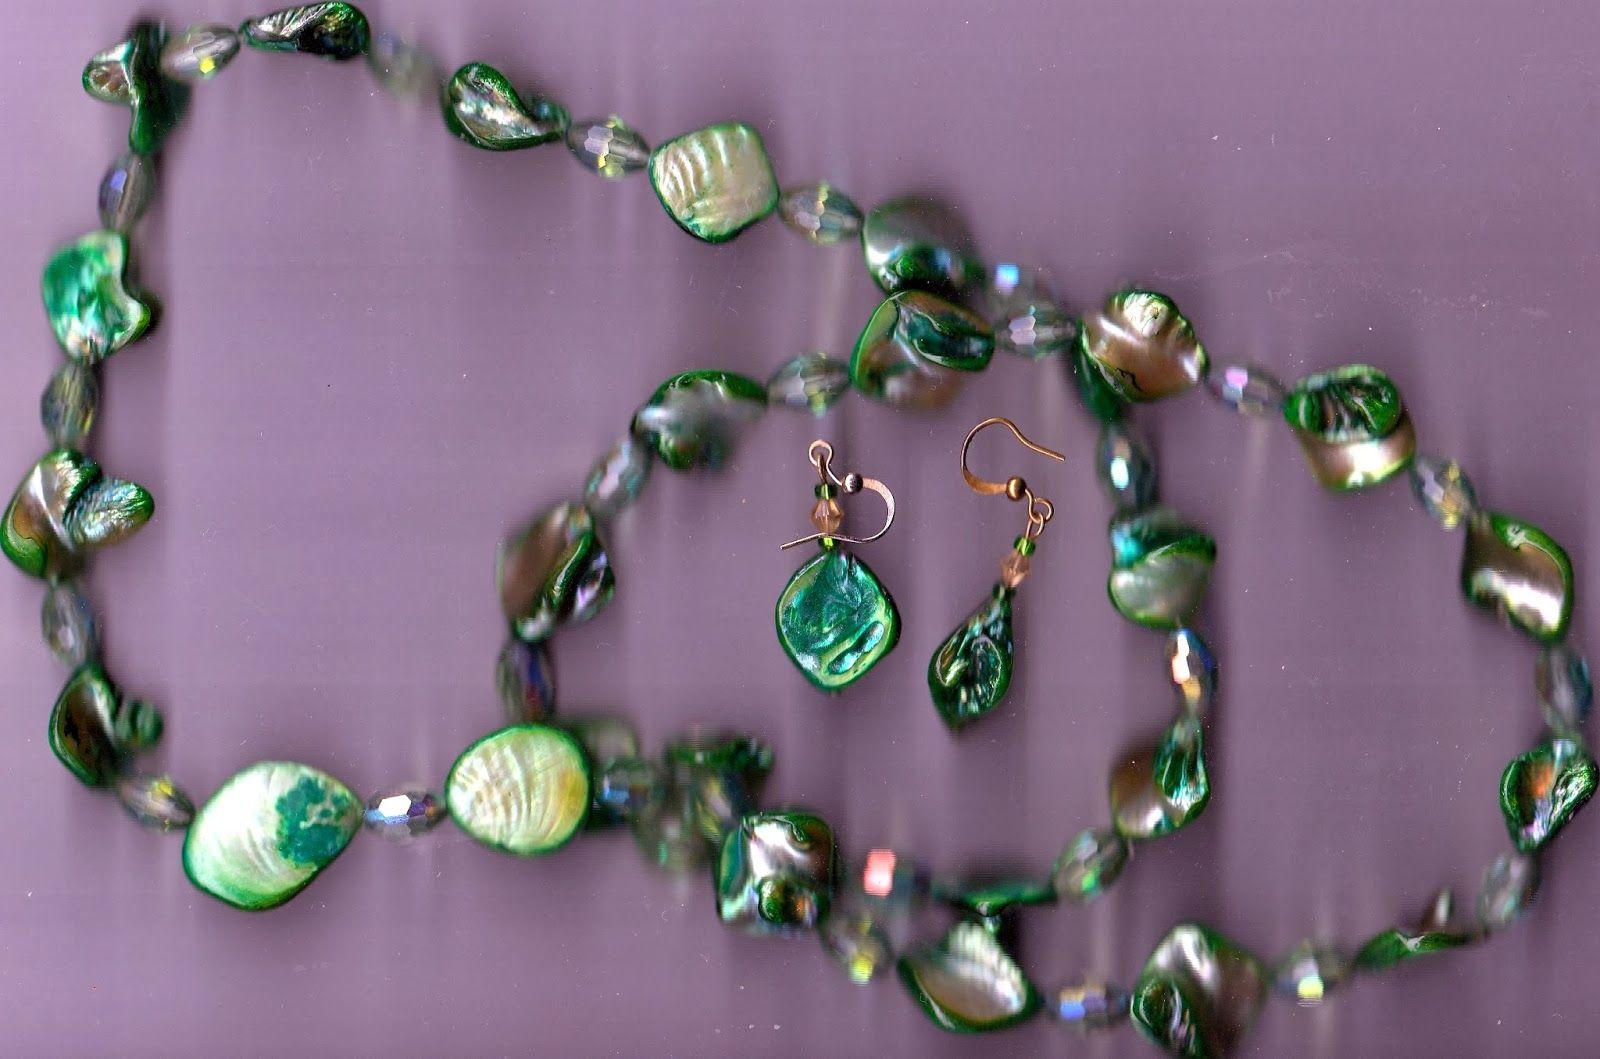 La Luce della Pace - The Light of Peace: Green Jewellery - Gioielli verdi